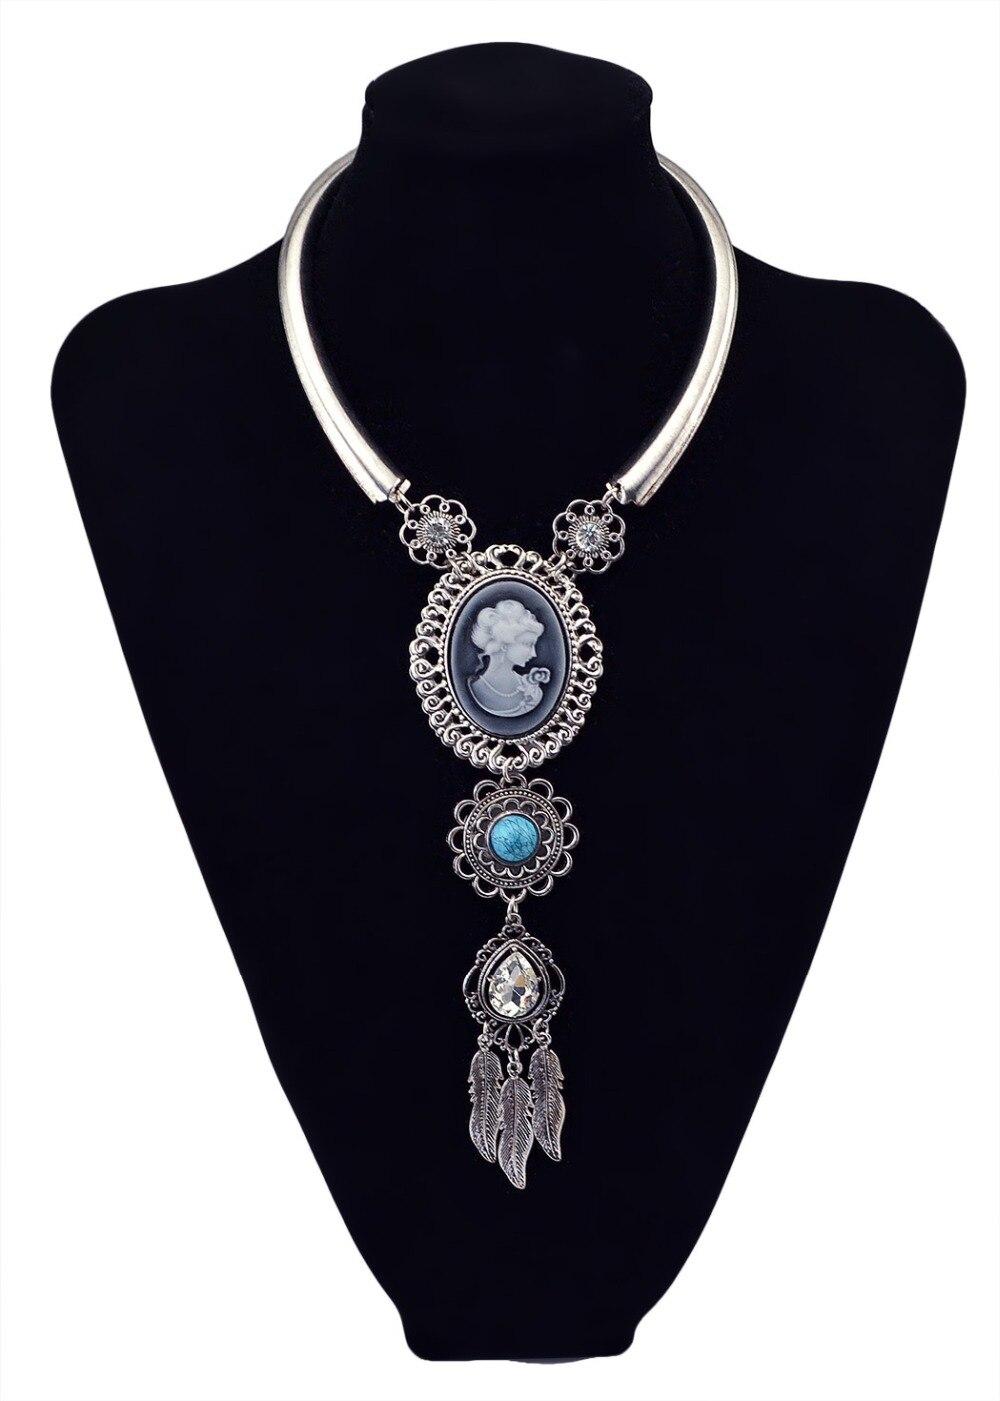 301d3261dec5e Idealway أنيقة الفضة الذهب مكتنزة سلسلة خمر المرأة المختنق المريله قلادة  الأزرق جوهرة ستون ورقة الملكة رئيس قلادة قلادة